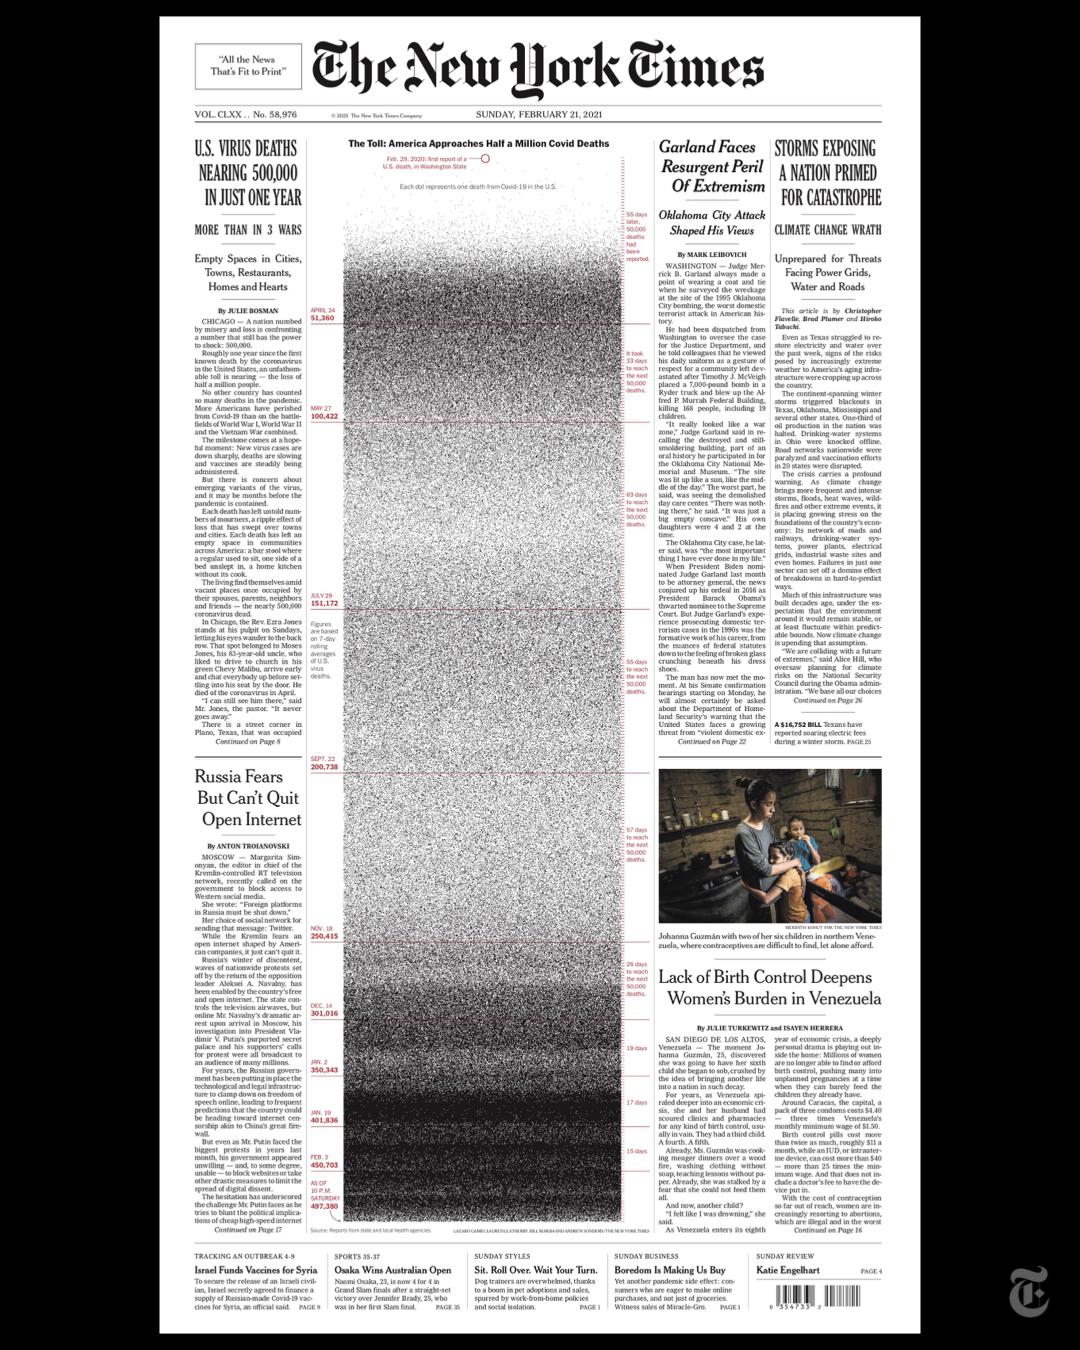 Trang nhất tờ báo Mỹ thể hiện số người chết vì đại dịch Covid-19.